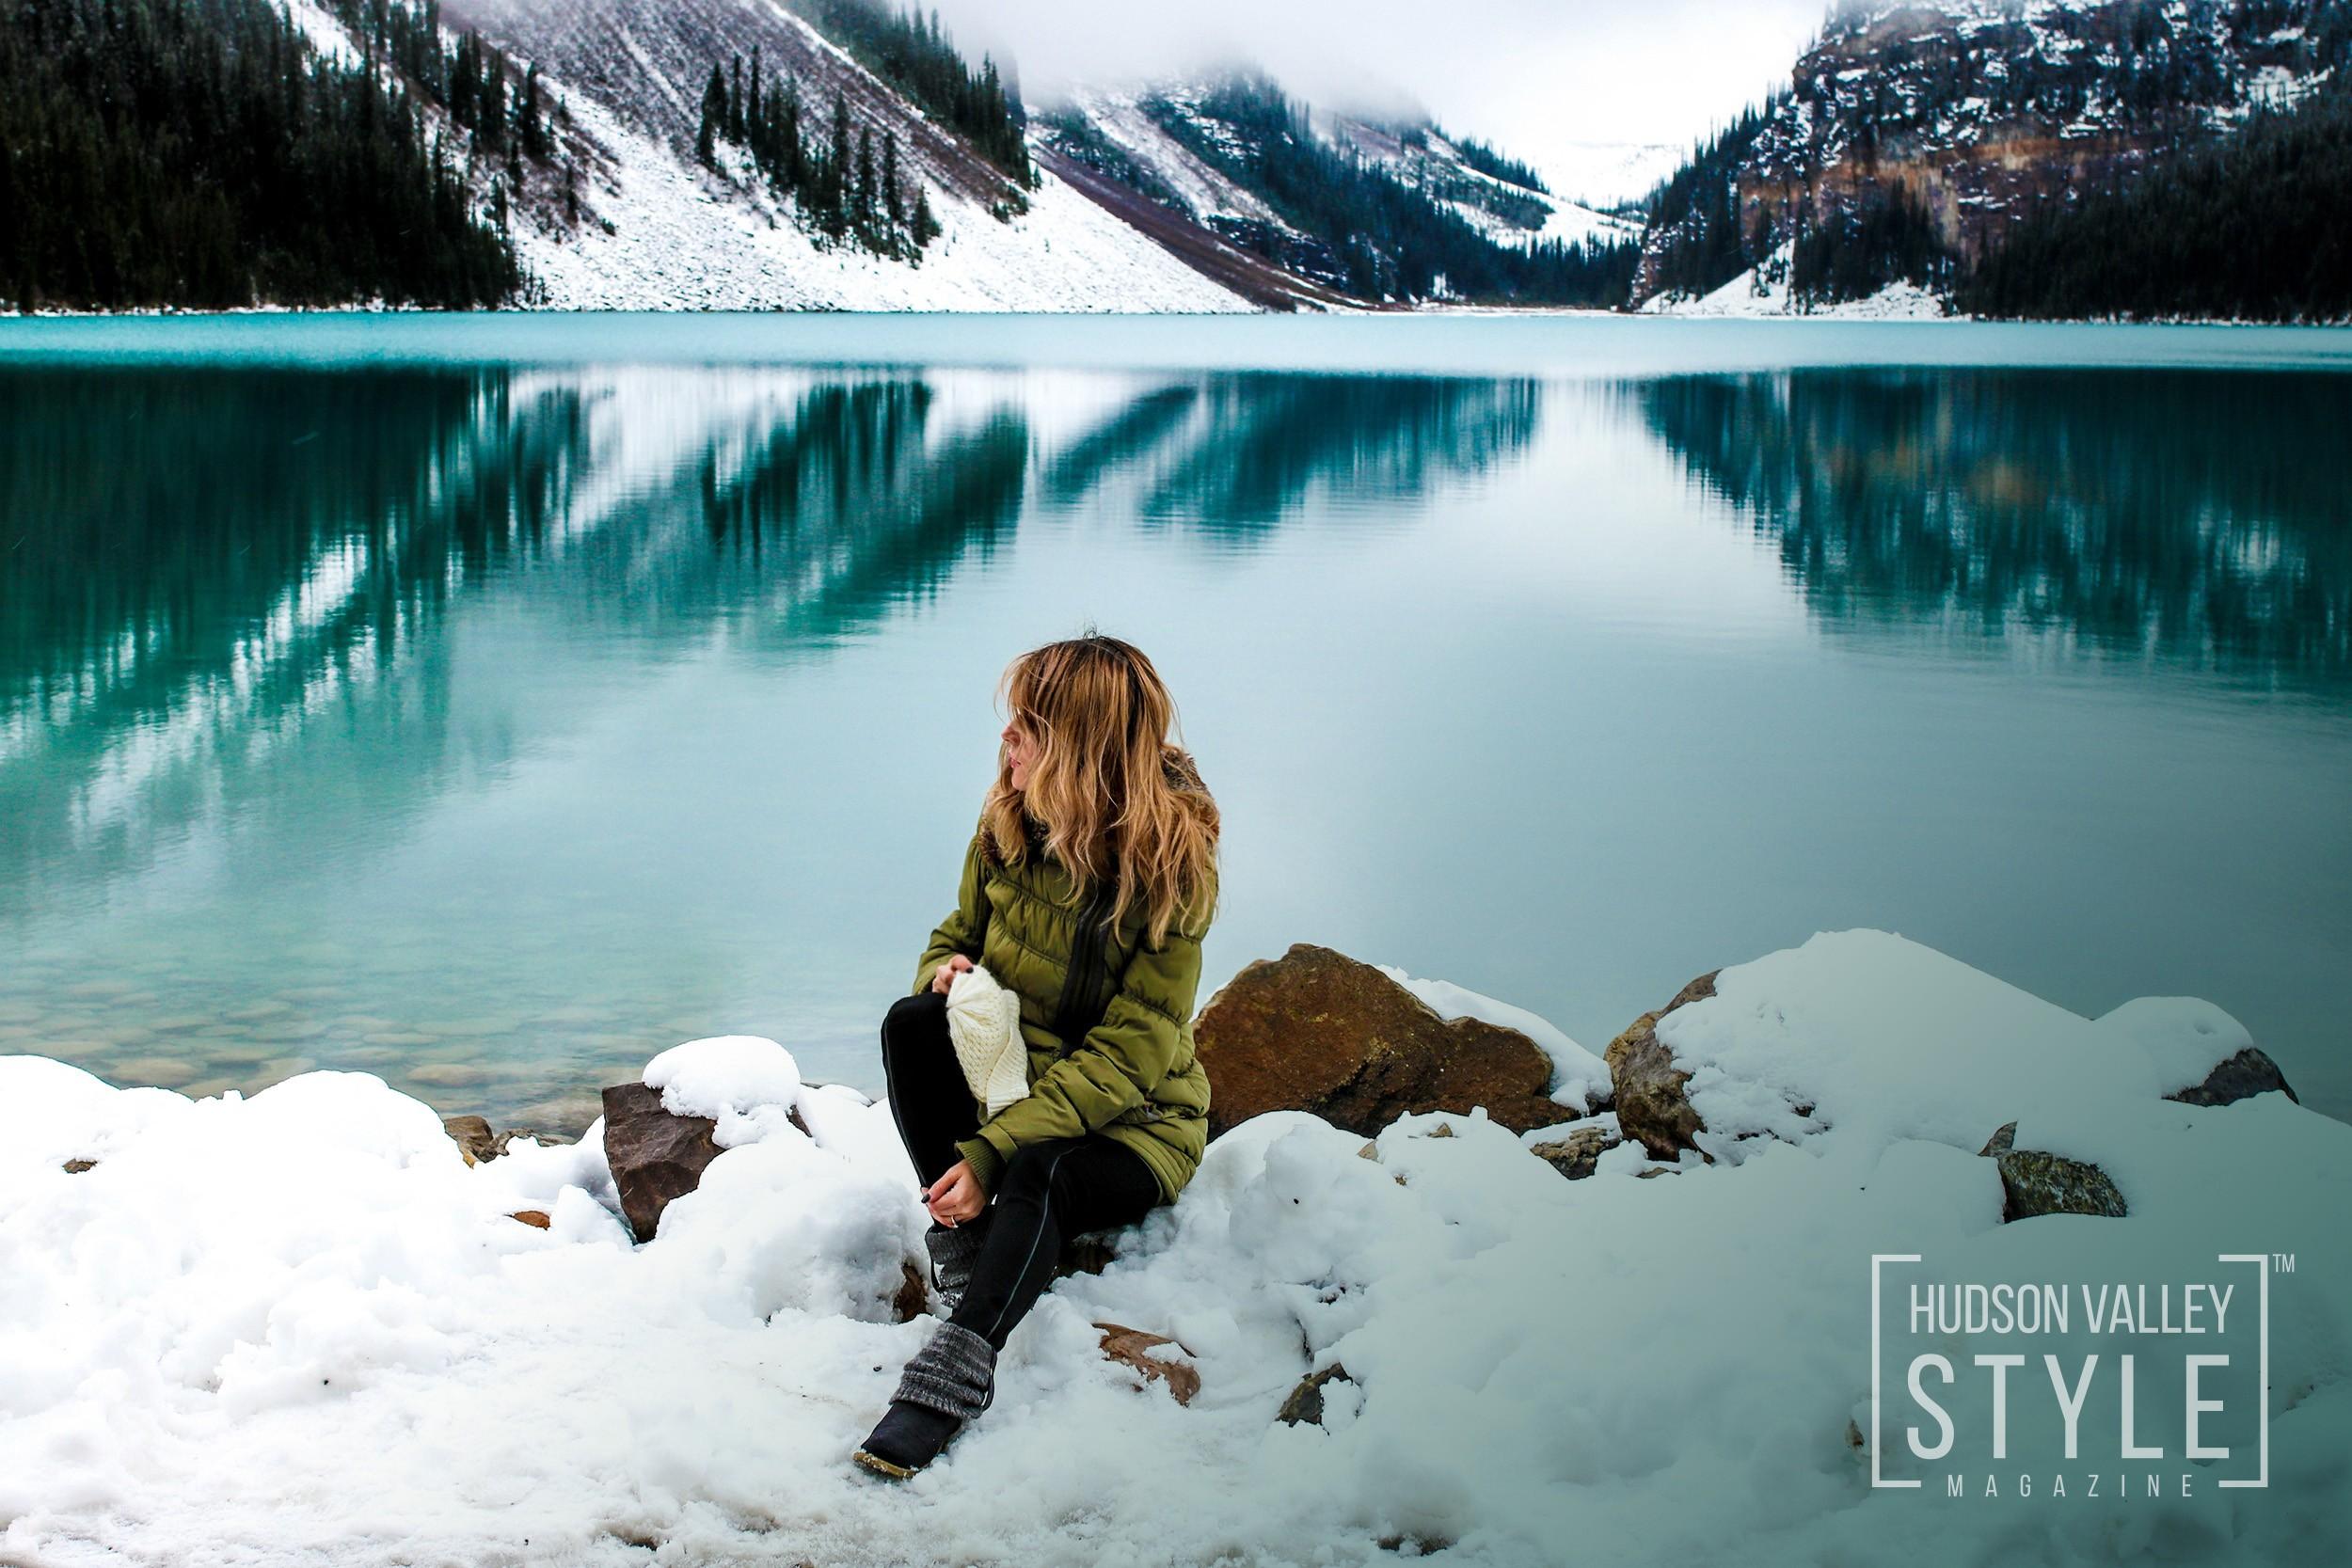 Hudson Valley Style Magazine - Travel Tips